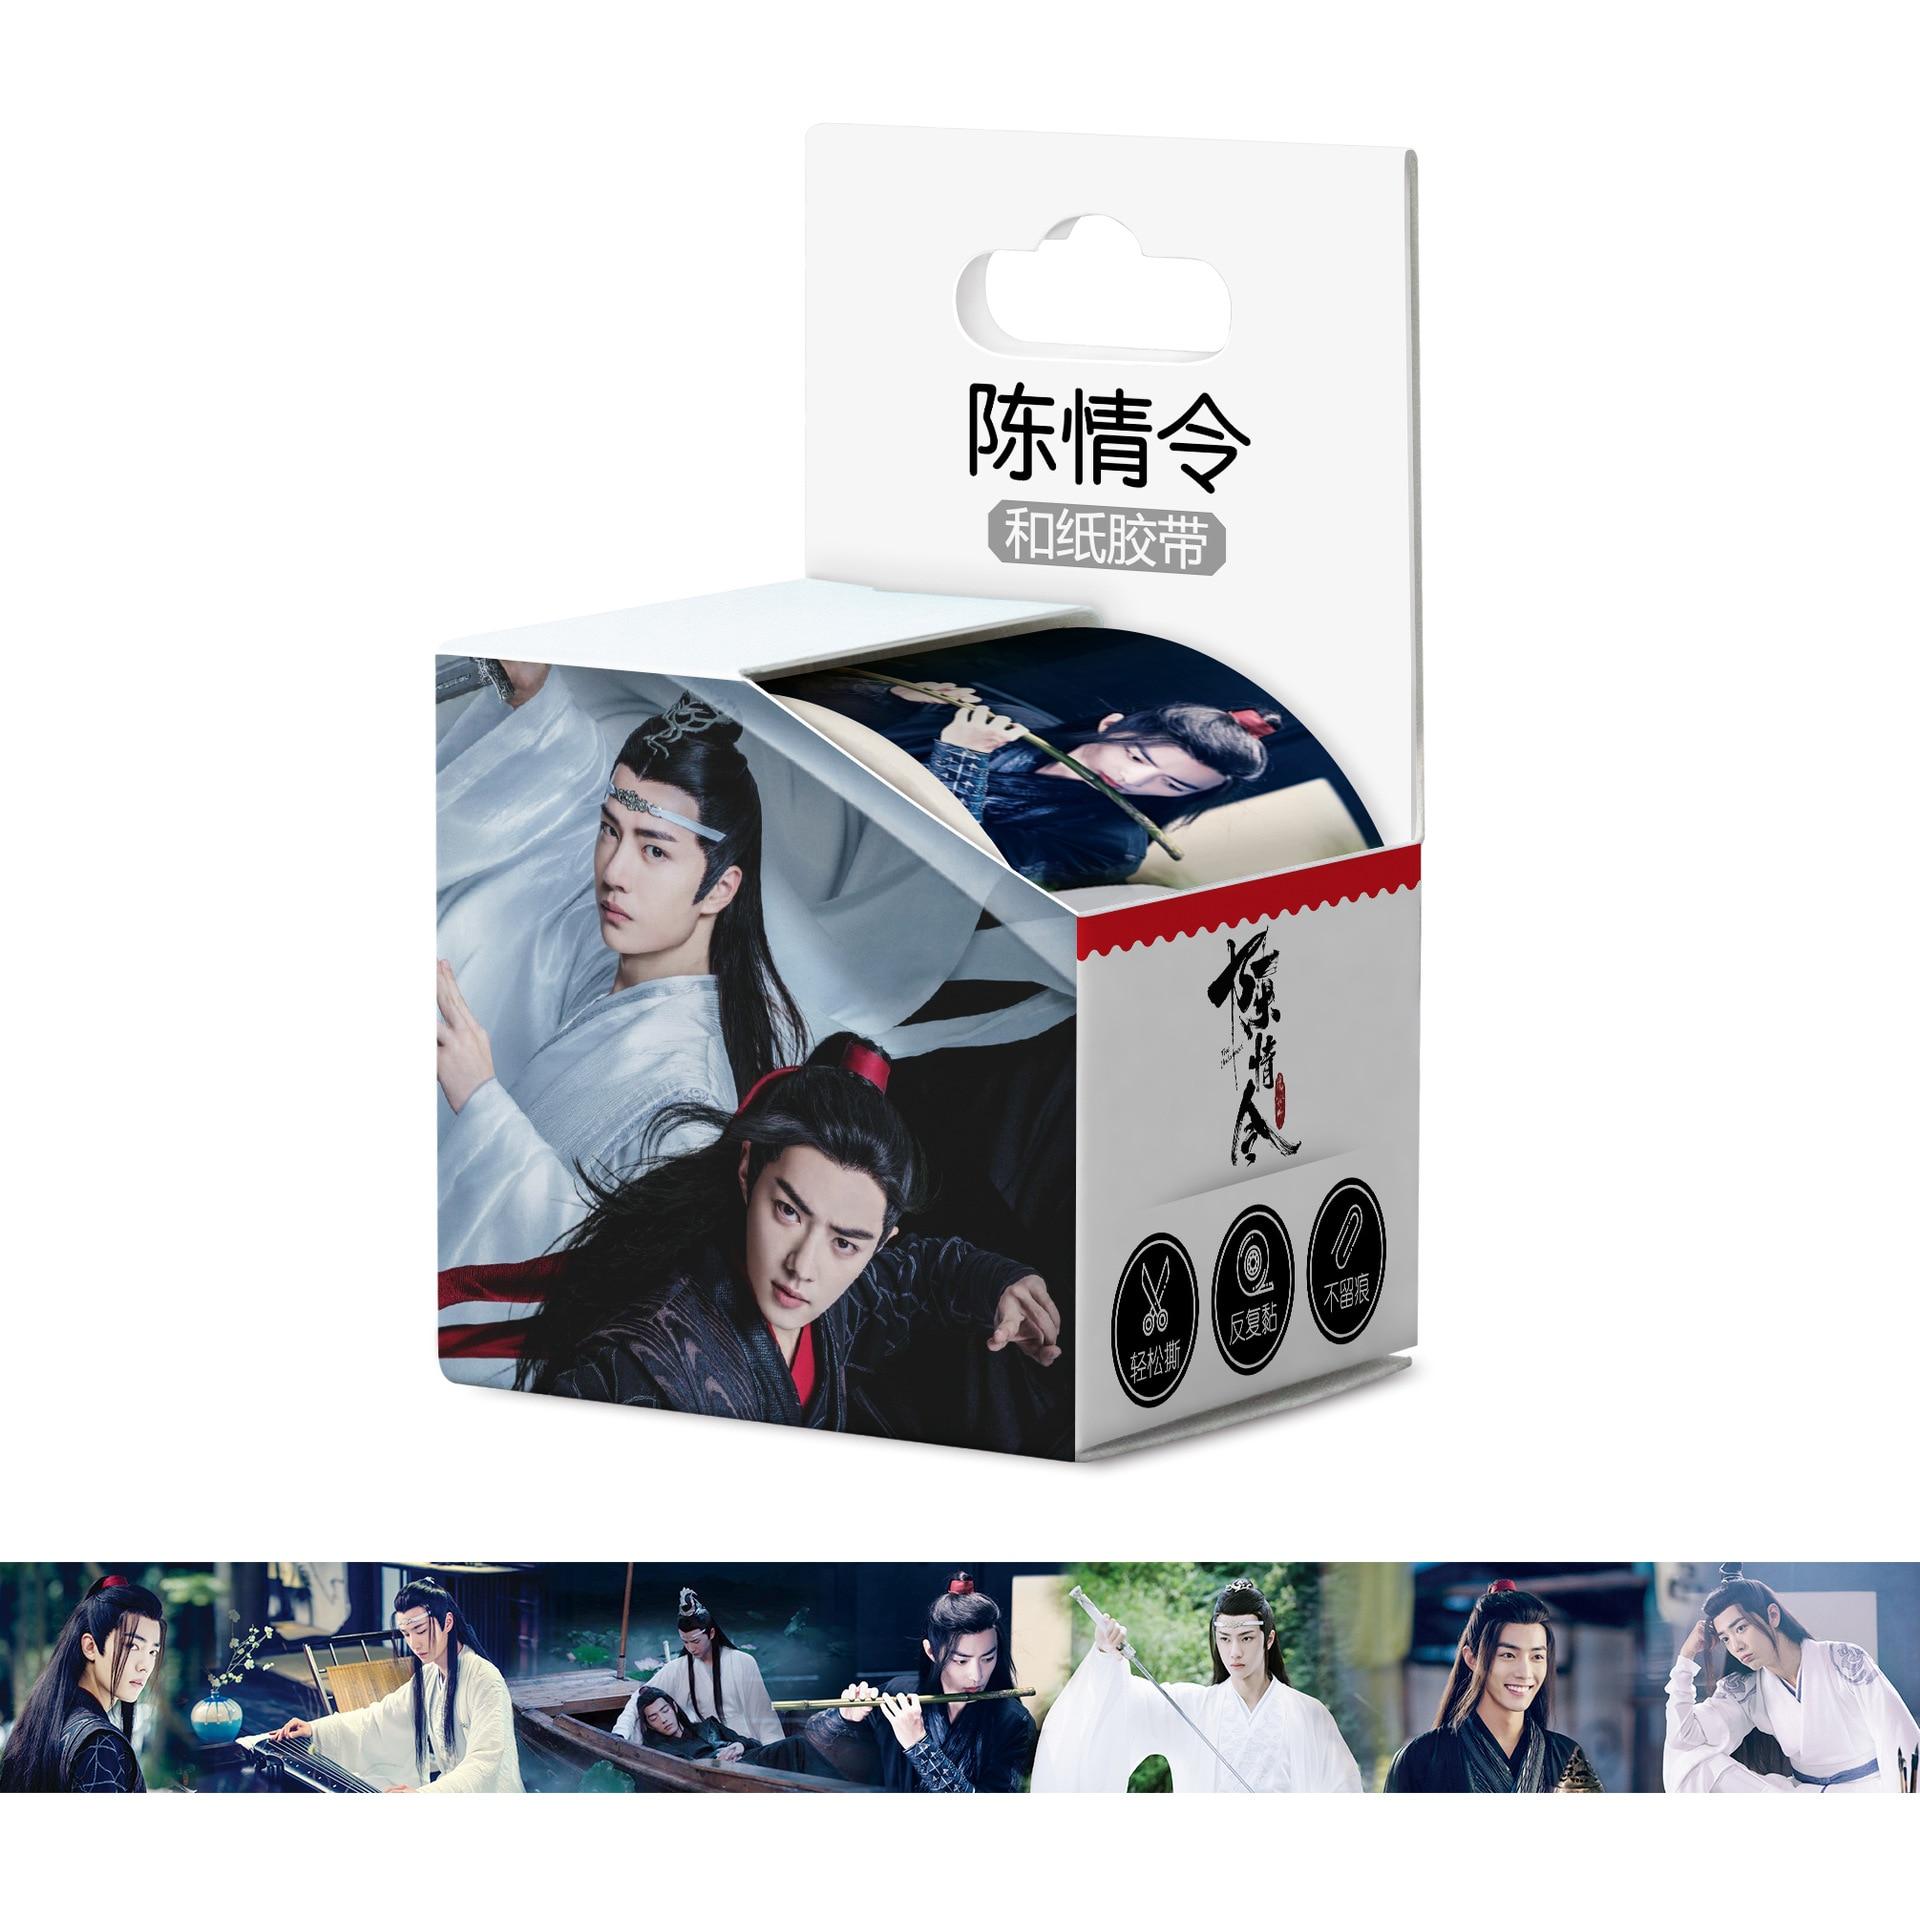 4cm*5m Chen Qing Ling Washi Tape Adhesive Tape Xiao Zhan Wang Yibo Figure Masking Tape Scrapbooking Stickers Label